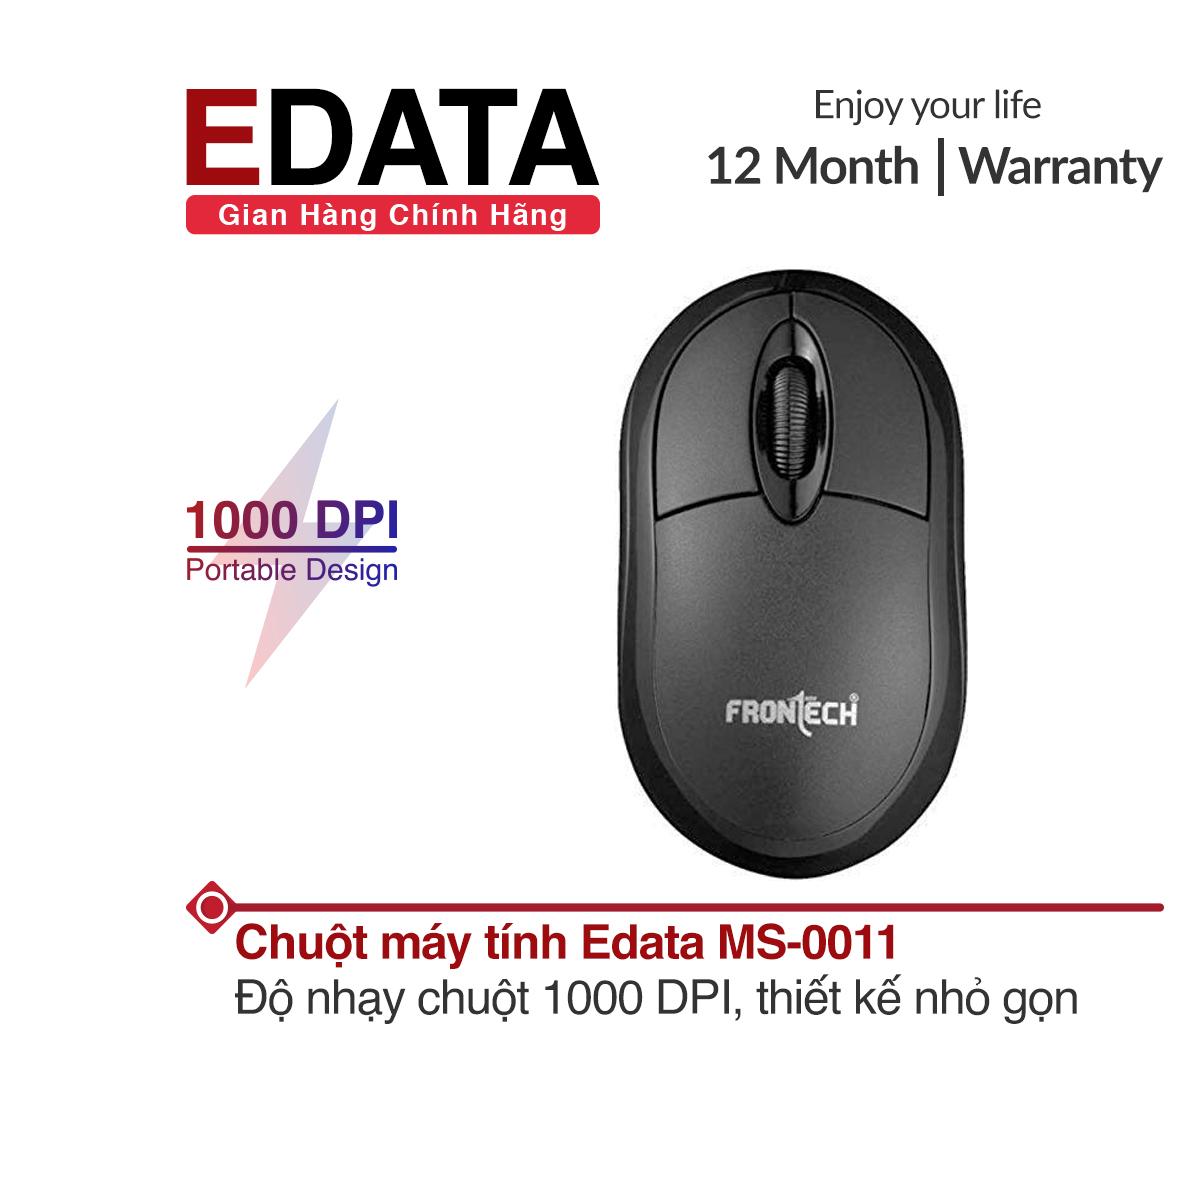 Chuột có dây Edata MS-0011, độ nhạy chuột 1000 DPI, hỗ trợ cho cả người dùng tay trái và phải, thiết kế nhỏ gọn